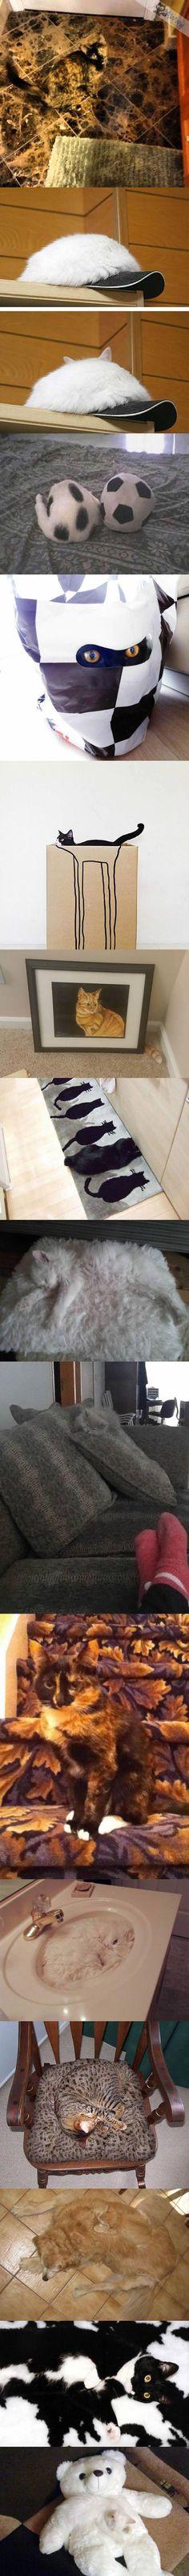 Has anyone seen my cat?